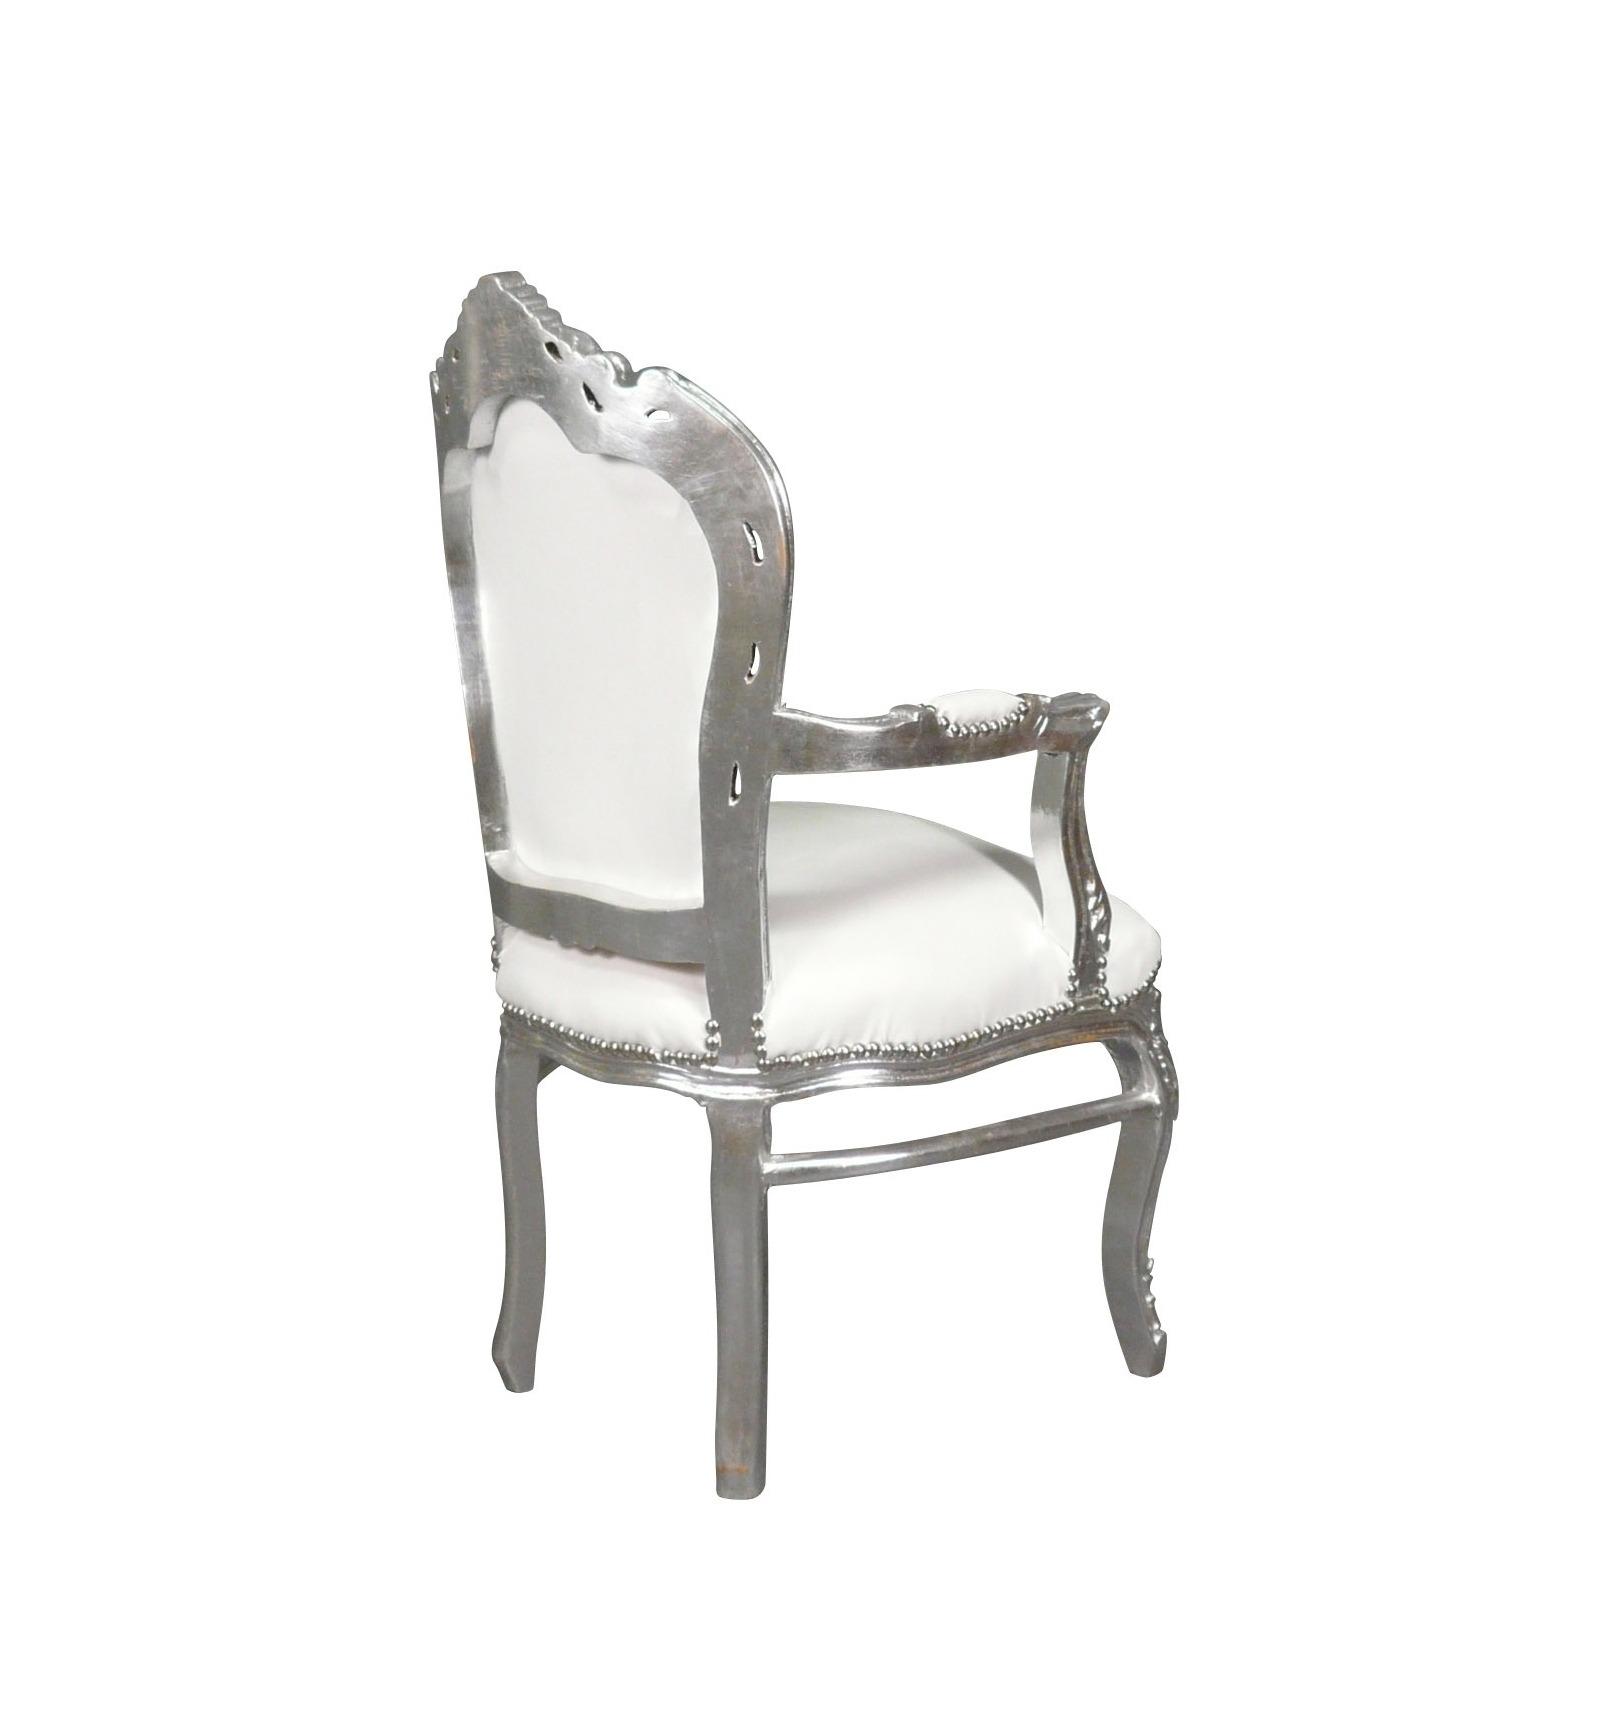 fauteuil baroque blanc et argent ameublement rococo. Black Bedroom Furniture Sets. Home Design Ideas